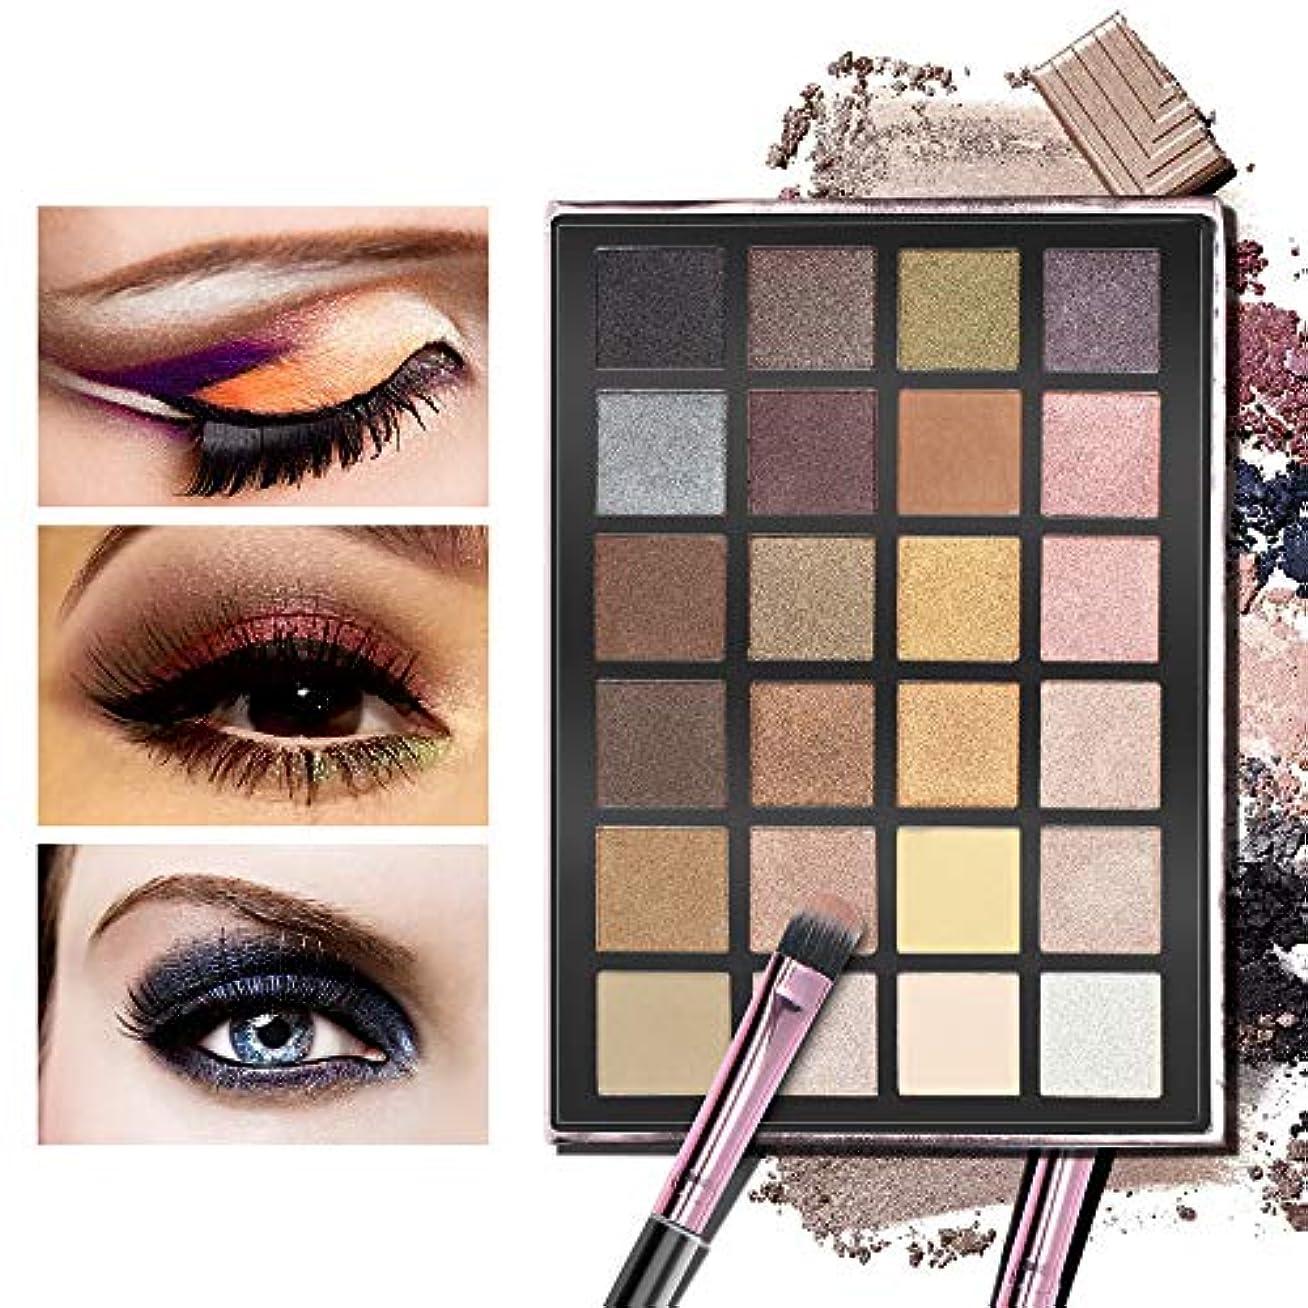 あなたのものスライス乳剤Akane アイシャドウパレット ANYLADY 人気 ファッション ゴージャス 綺麗 欧米風 日本人肌に合う マット つや消し 持ち便利 Eye Shadow (24色)